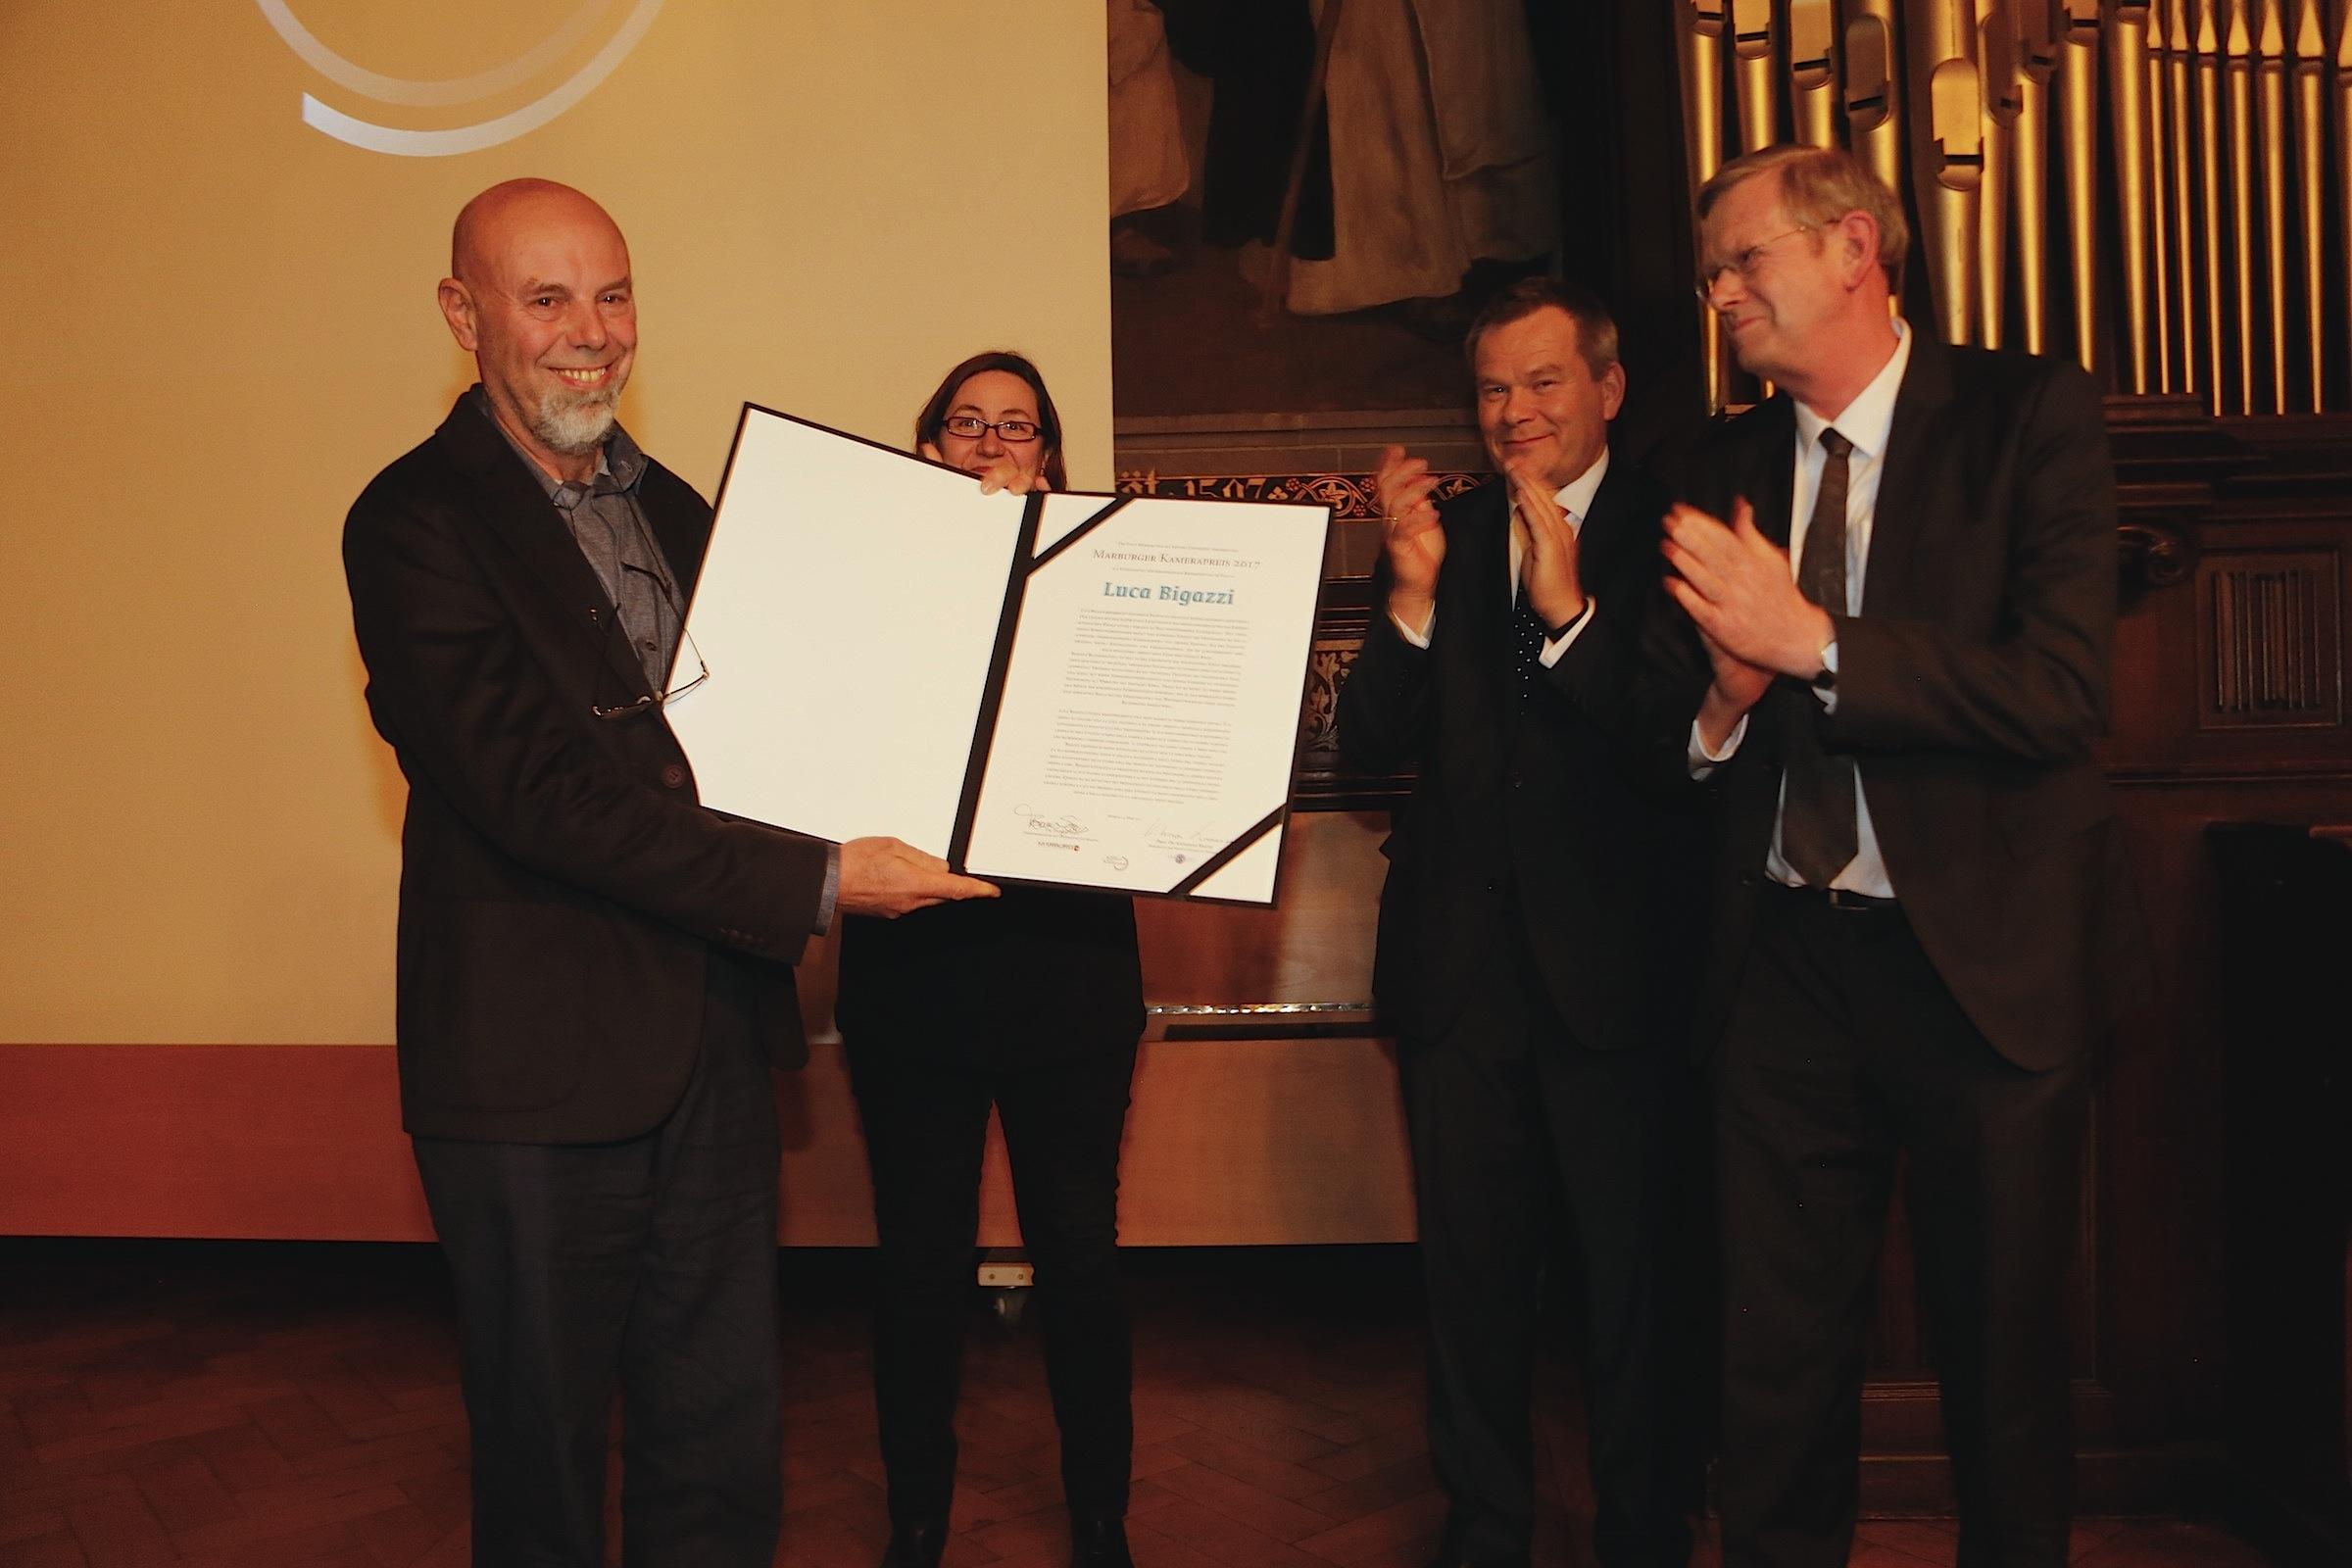 Verleihung des Marburger Kamerapreises 2017 an Luca Bigazzi © Achim Friederich